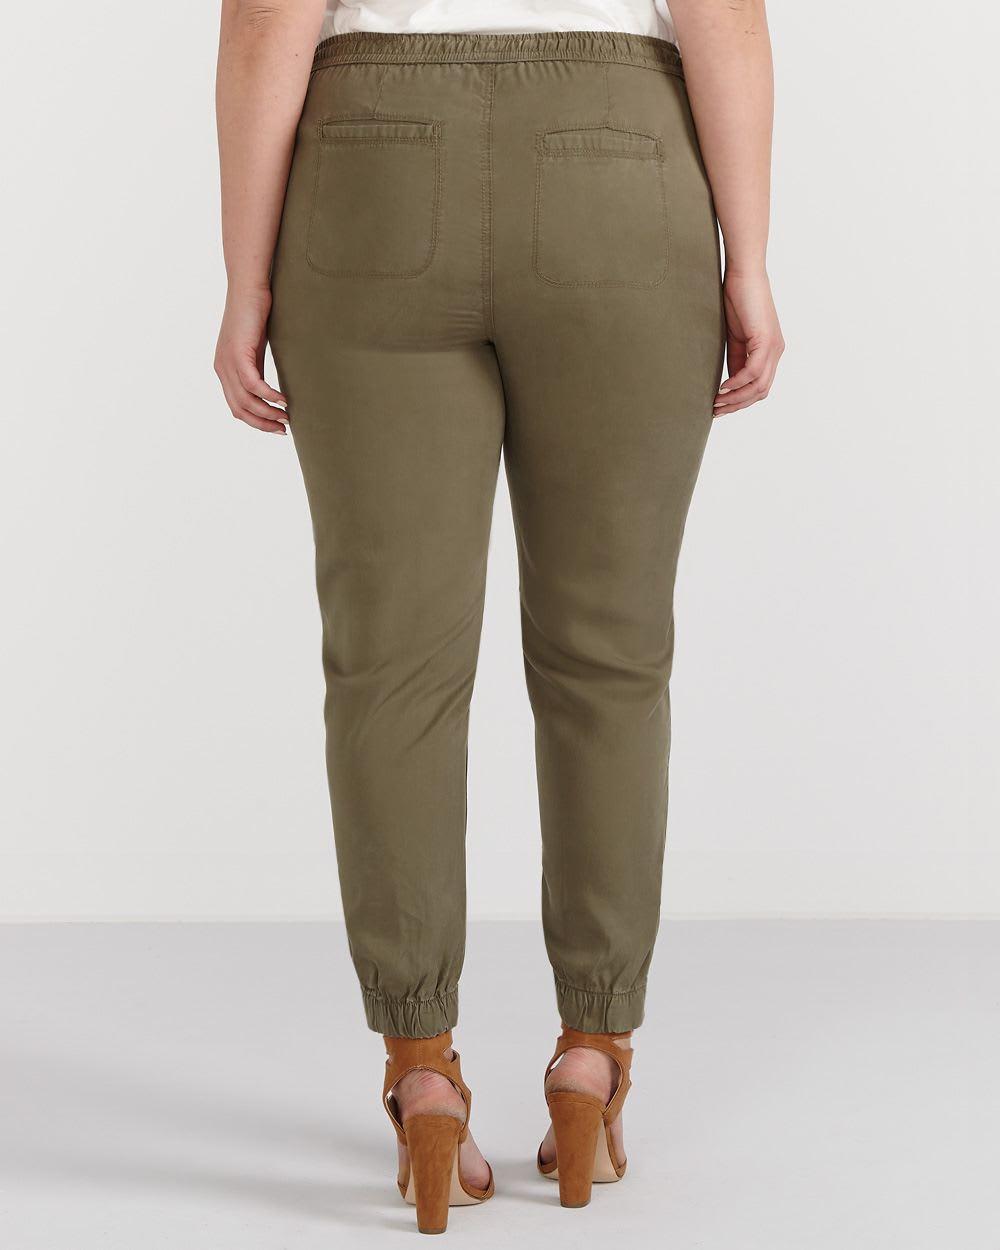 58a61cf7dc4453 Plus Size Soft Pants | Plus Sizes | Reitmans